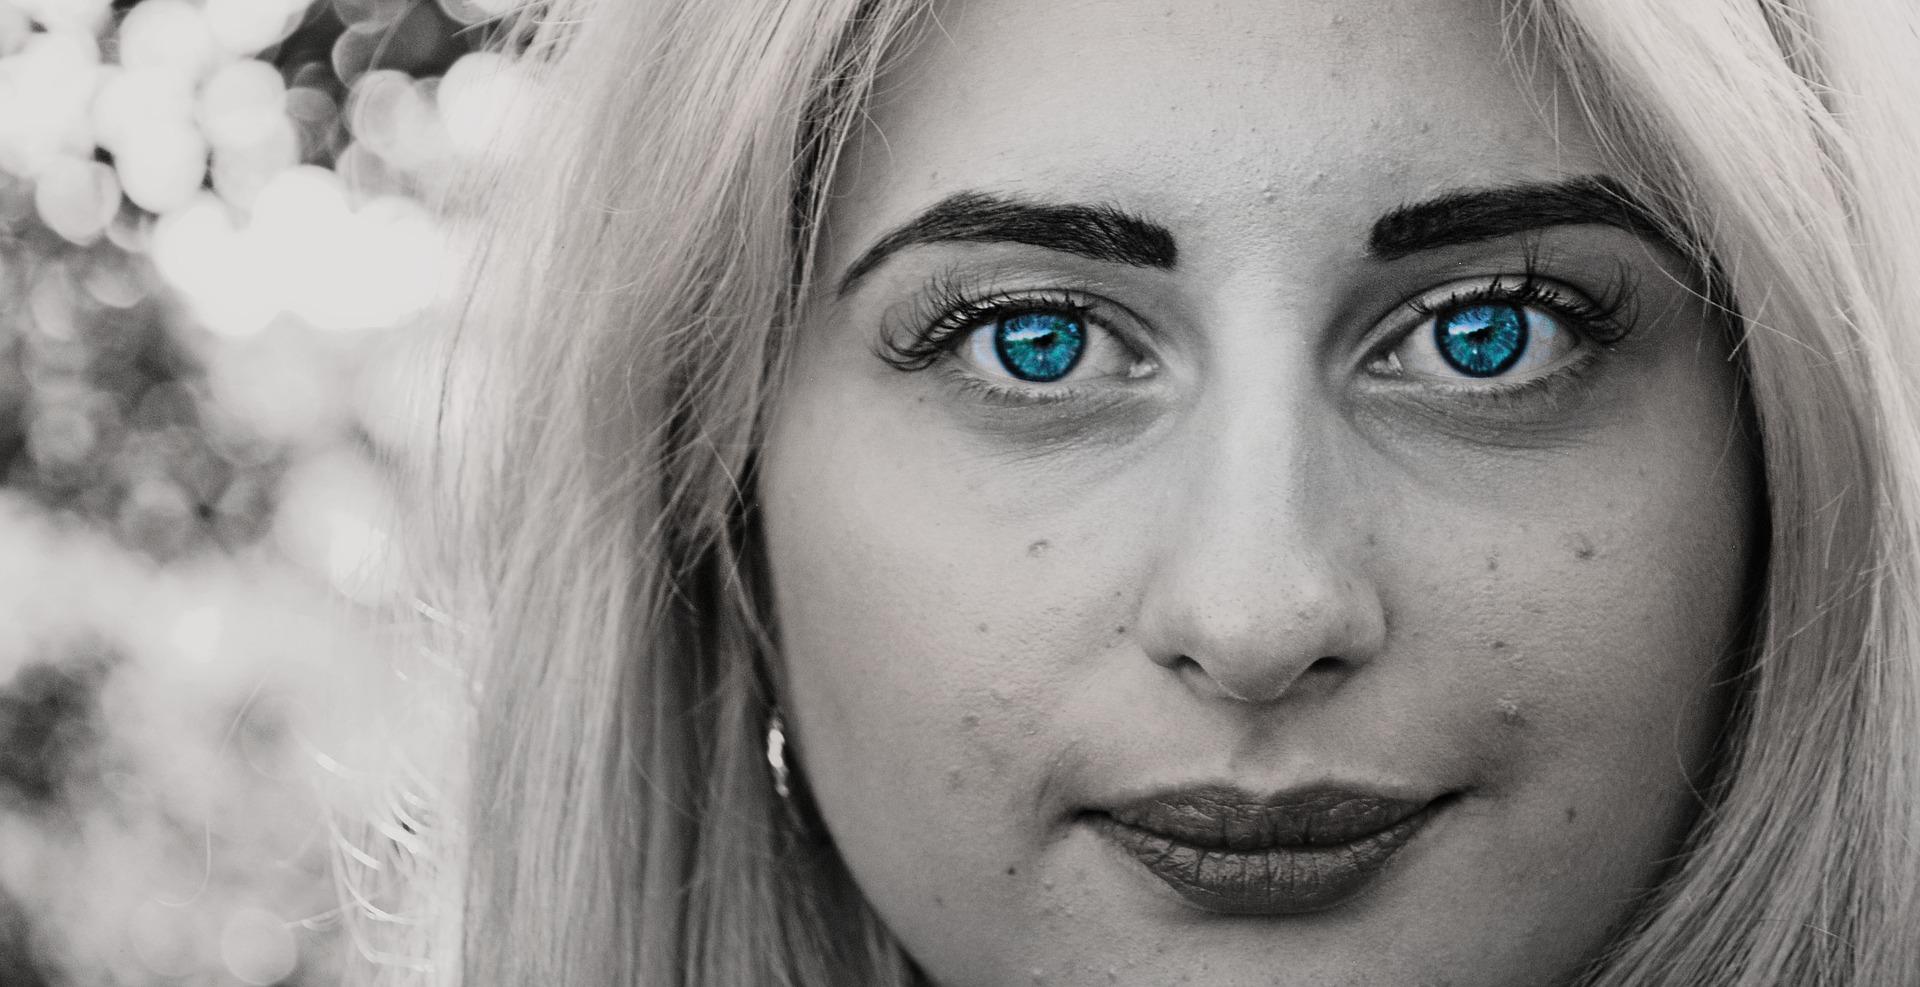 肌荒れの青い瞳の女性